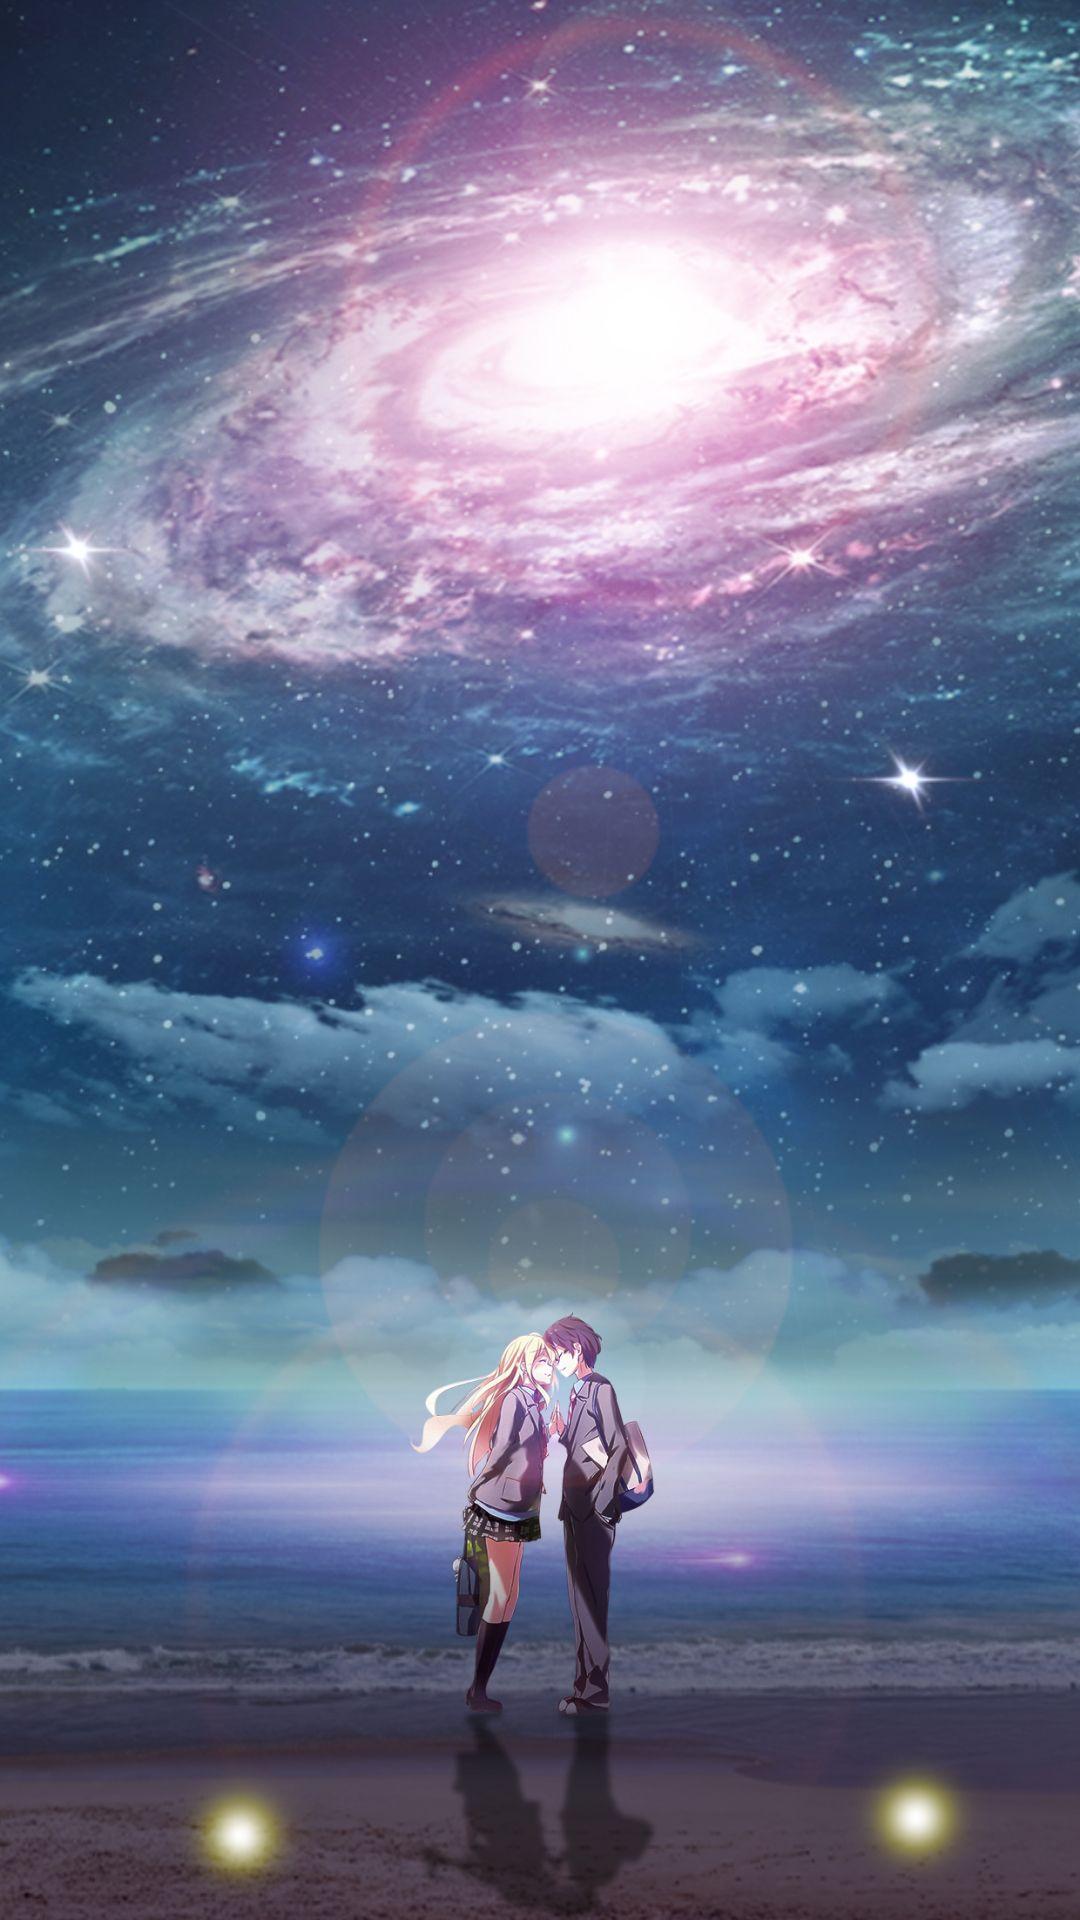 Download wallpaper anime shigatsu wa